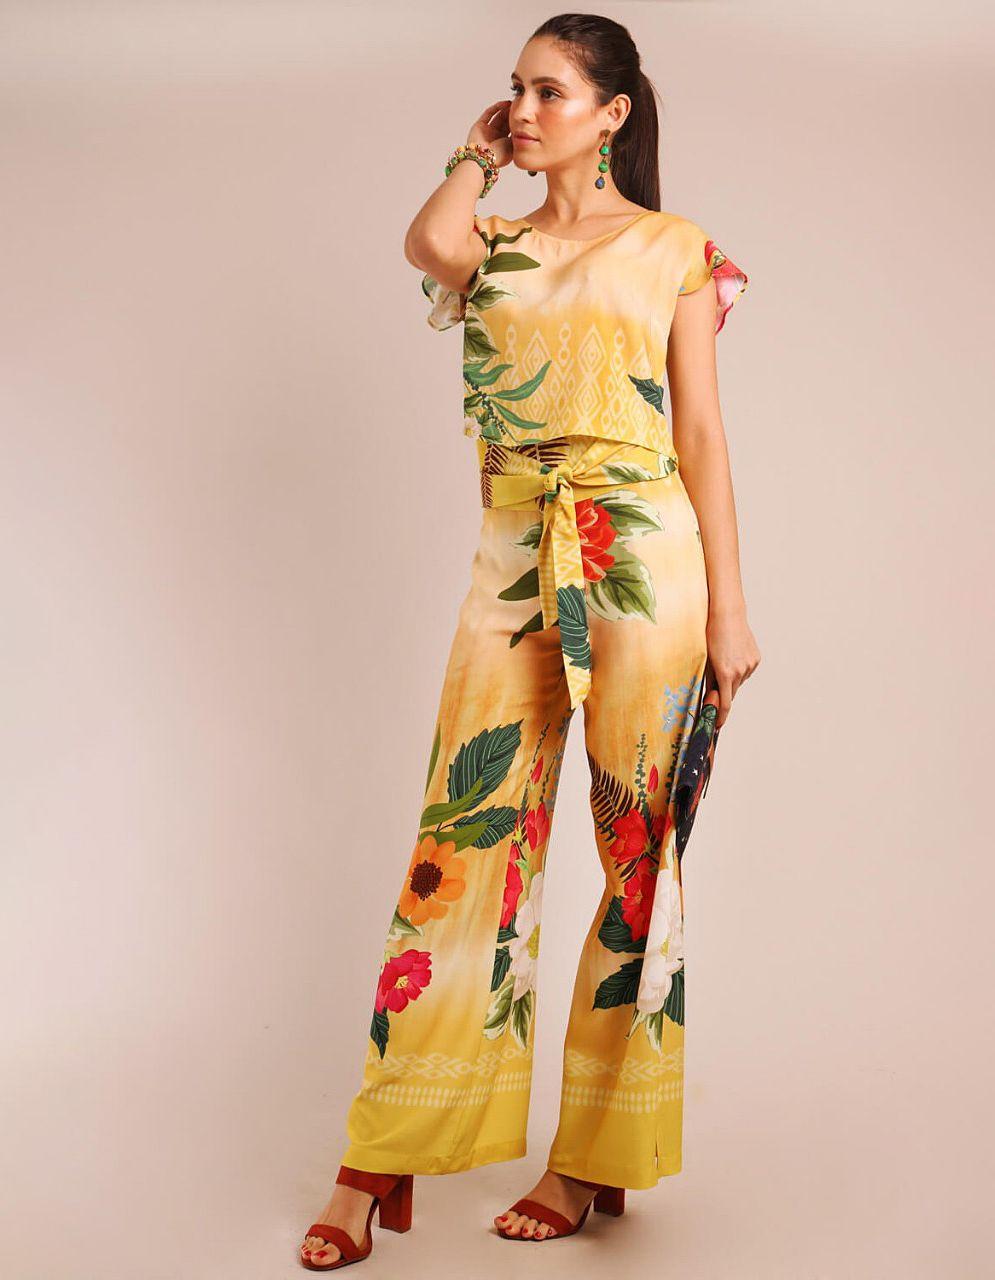 Pantalón largo verano azul o amarillo mostaza con abertura en piernas y cremallera lateral ajustable Malagueta-72084MAL-C